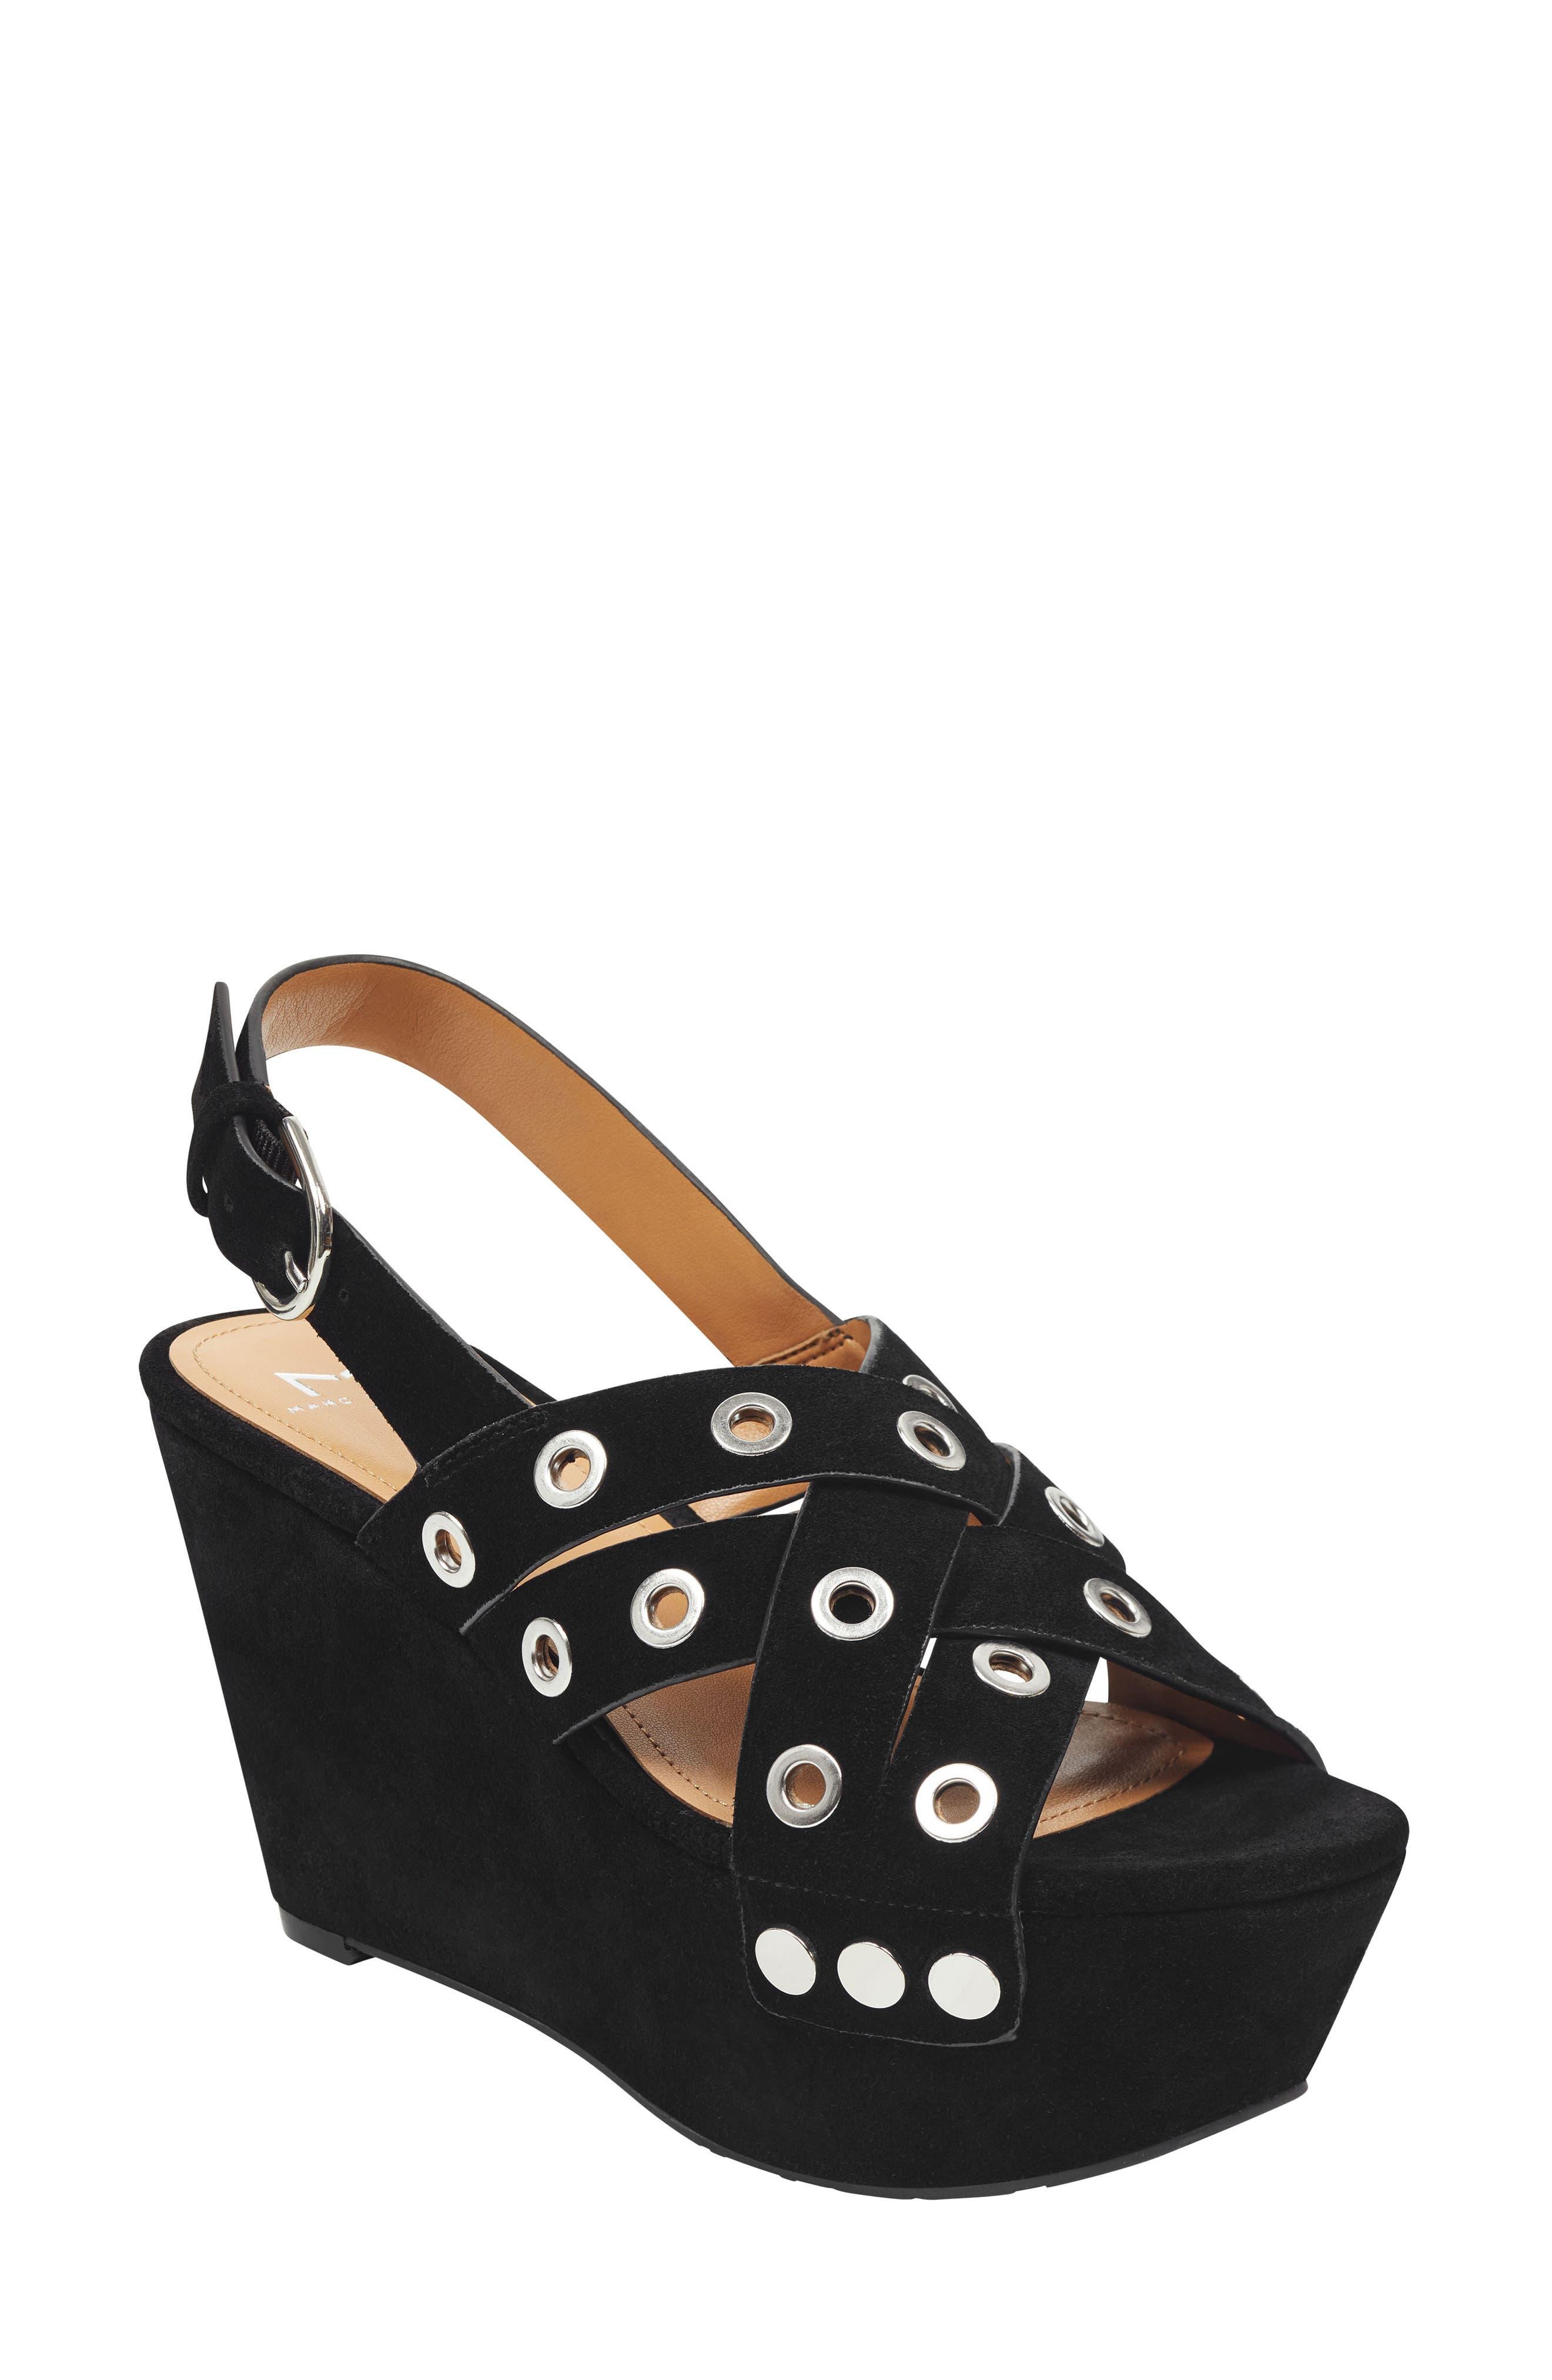 Marc Fisher Ltd Bloom Platform Sandal, Black